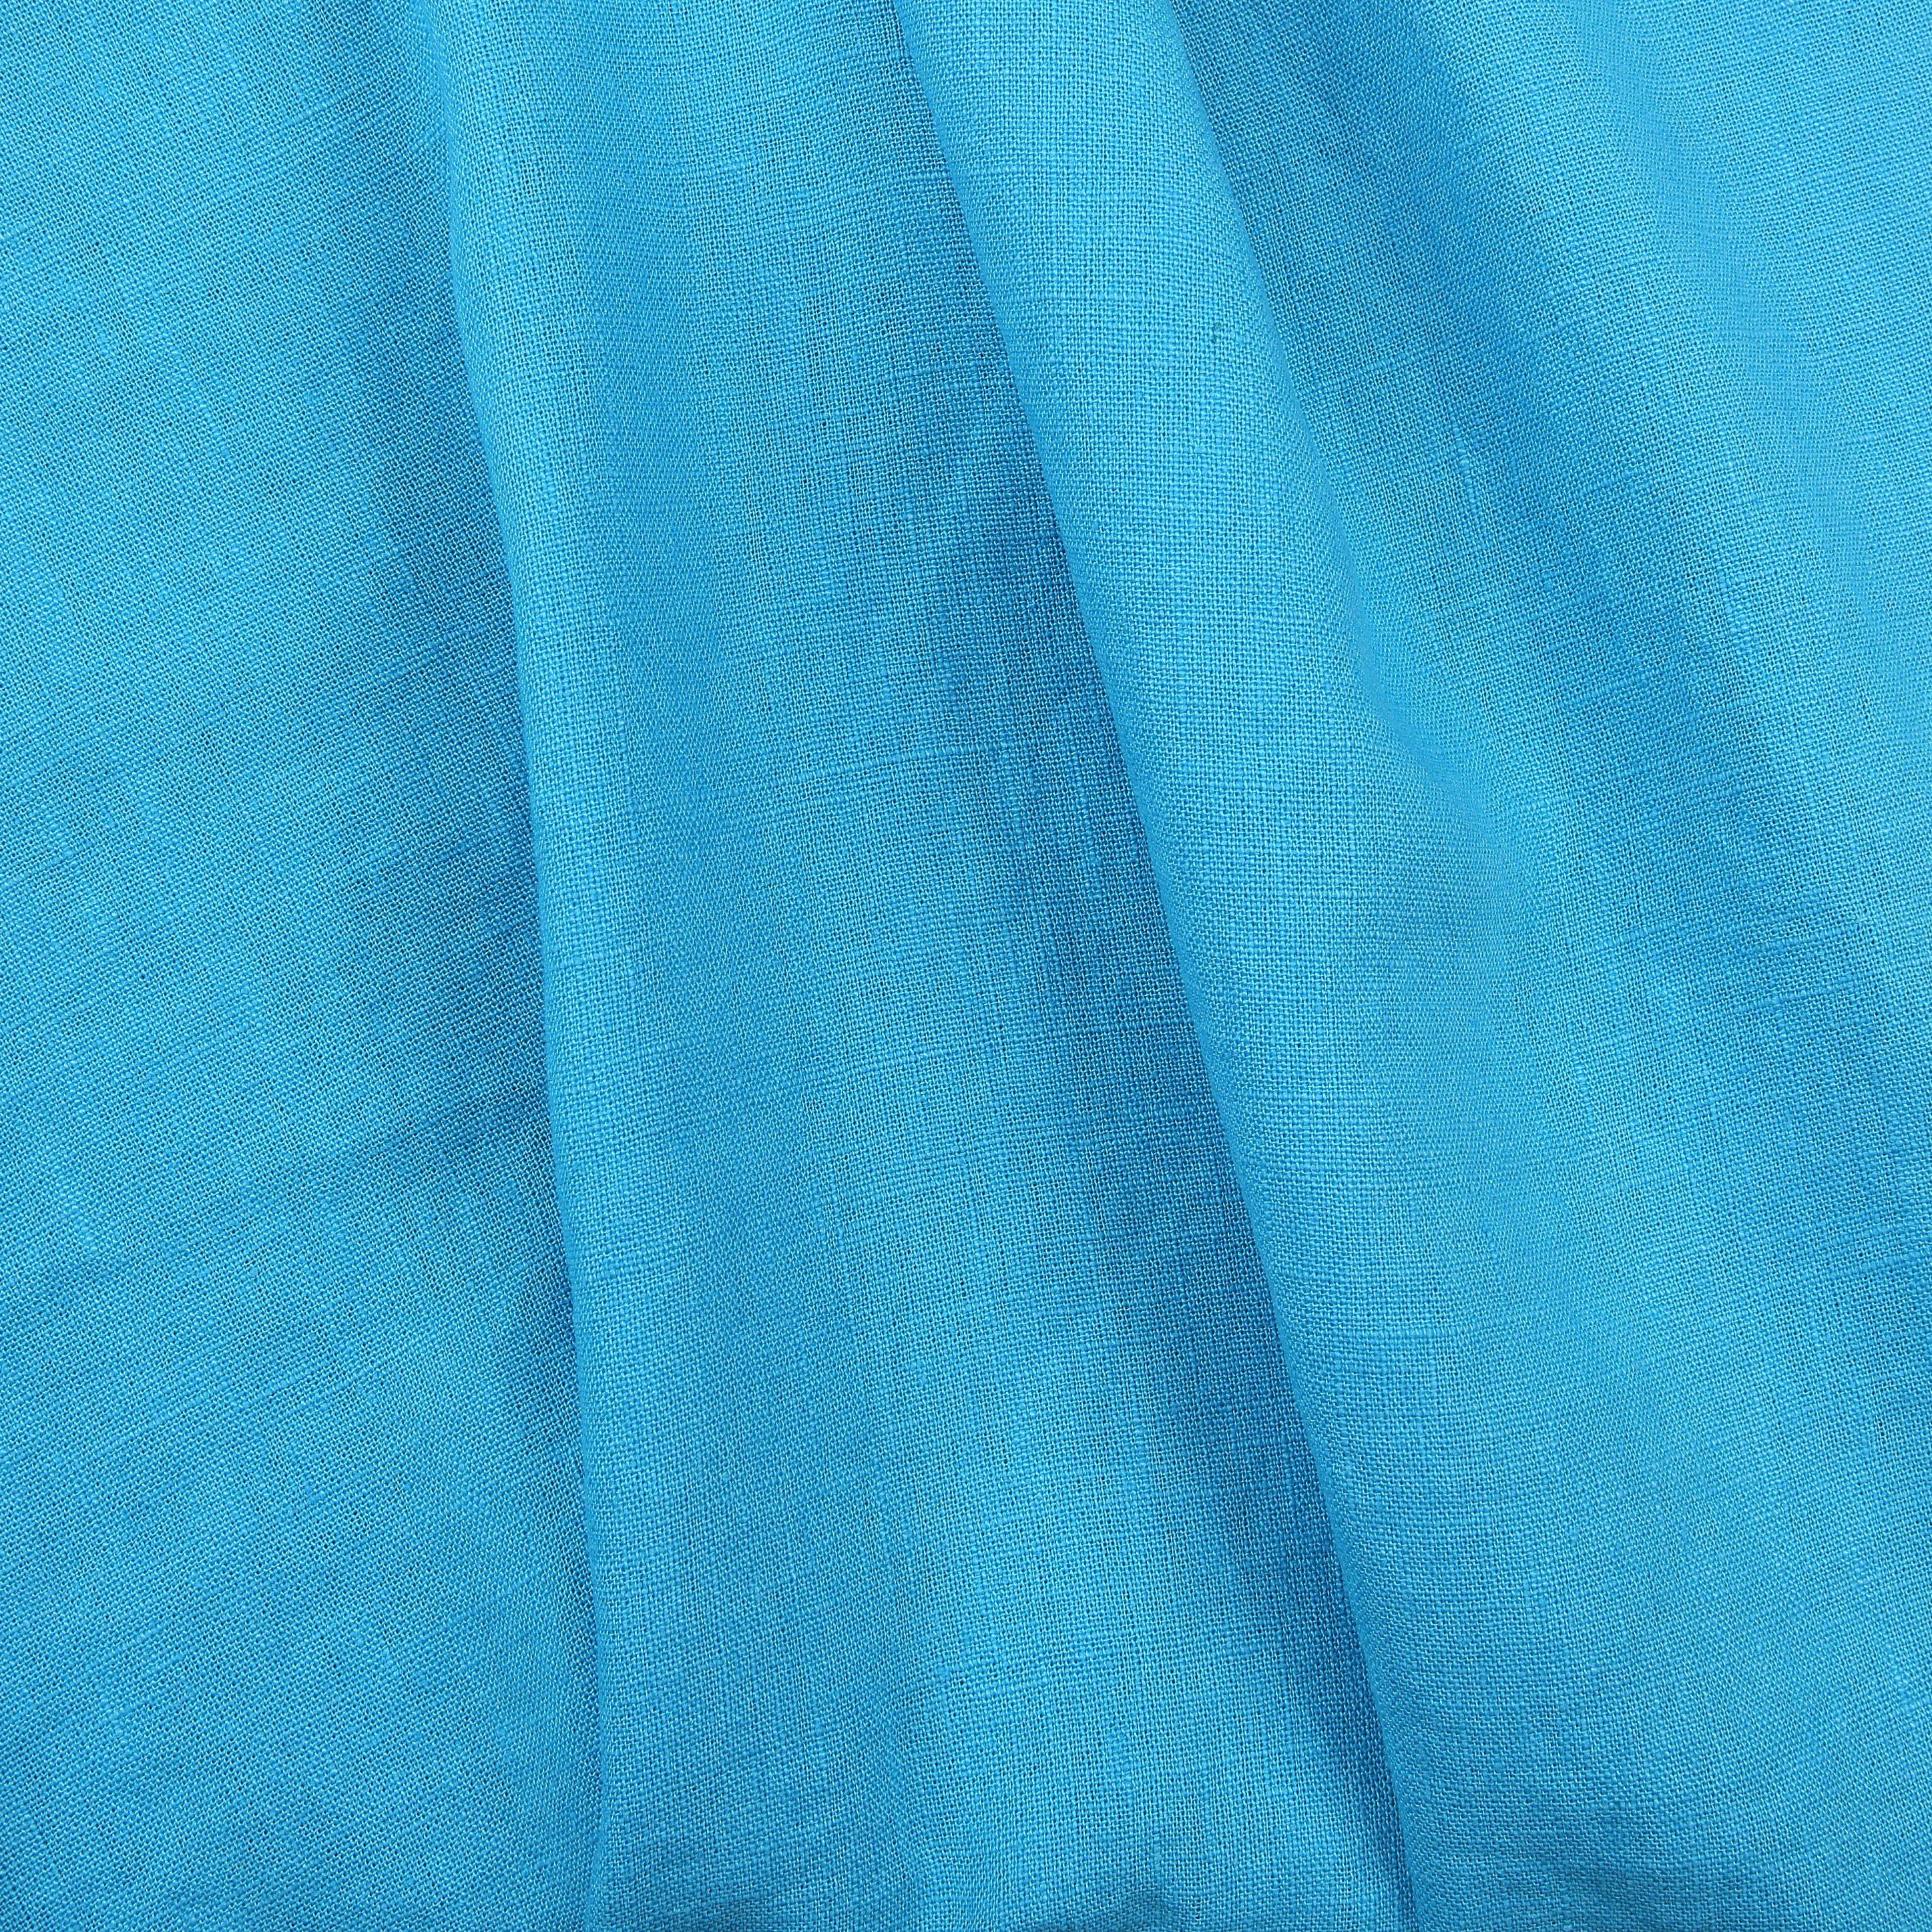 Rebecca linen cornflower blue bloomsbury square dressmaking fabric rebecca linen bloomsbury square cornflower blue 2486 izmirmasajfo